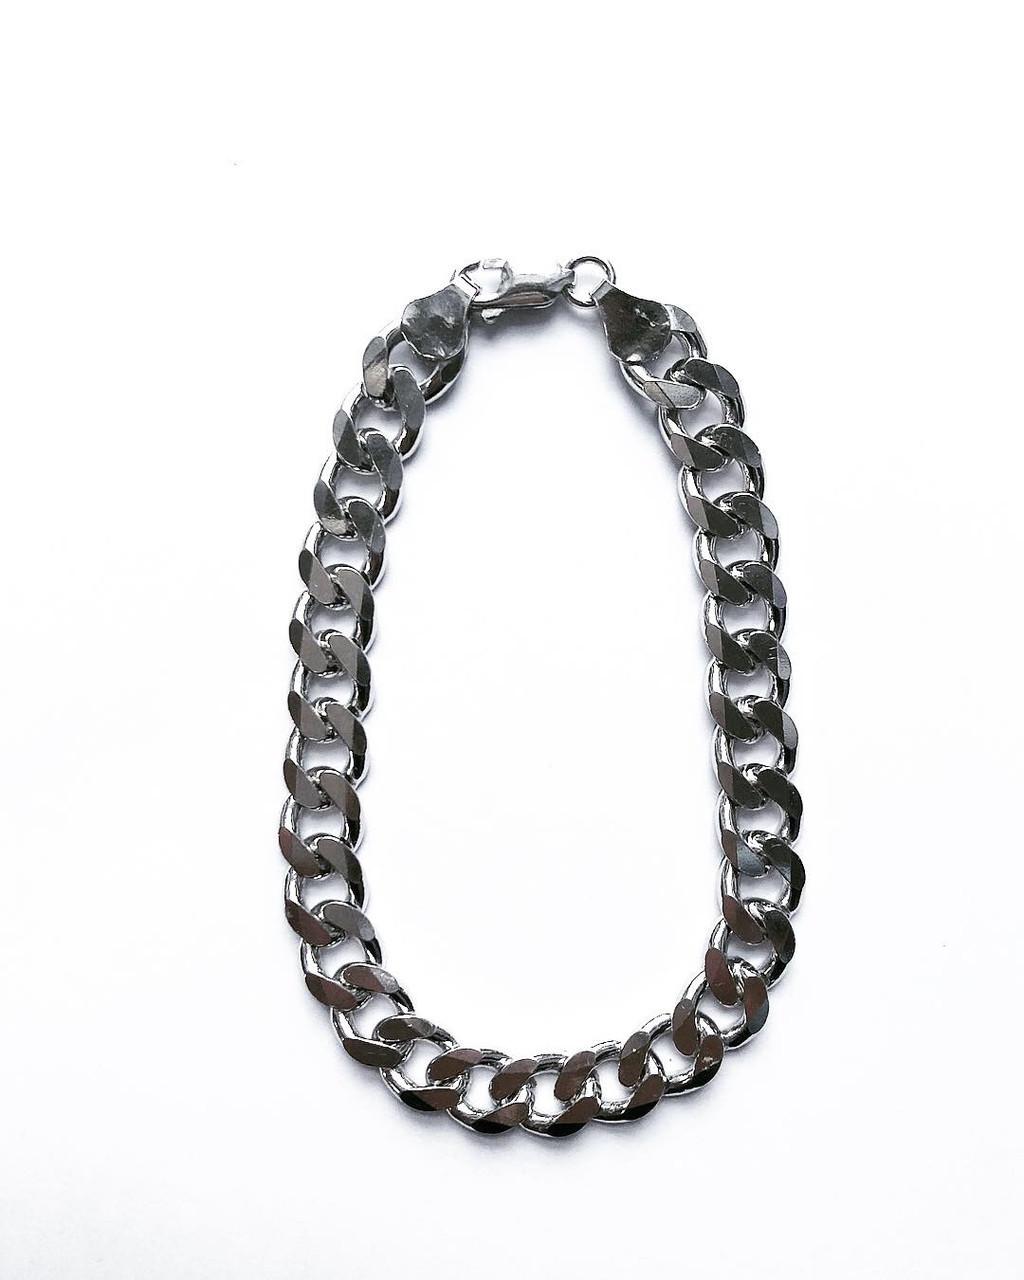 Мужской браслет из серебра 22 см панцирное плетение 29 грамм